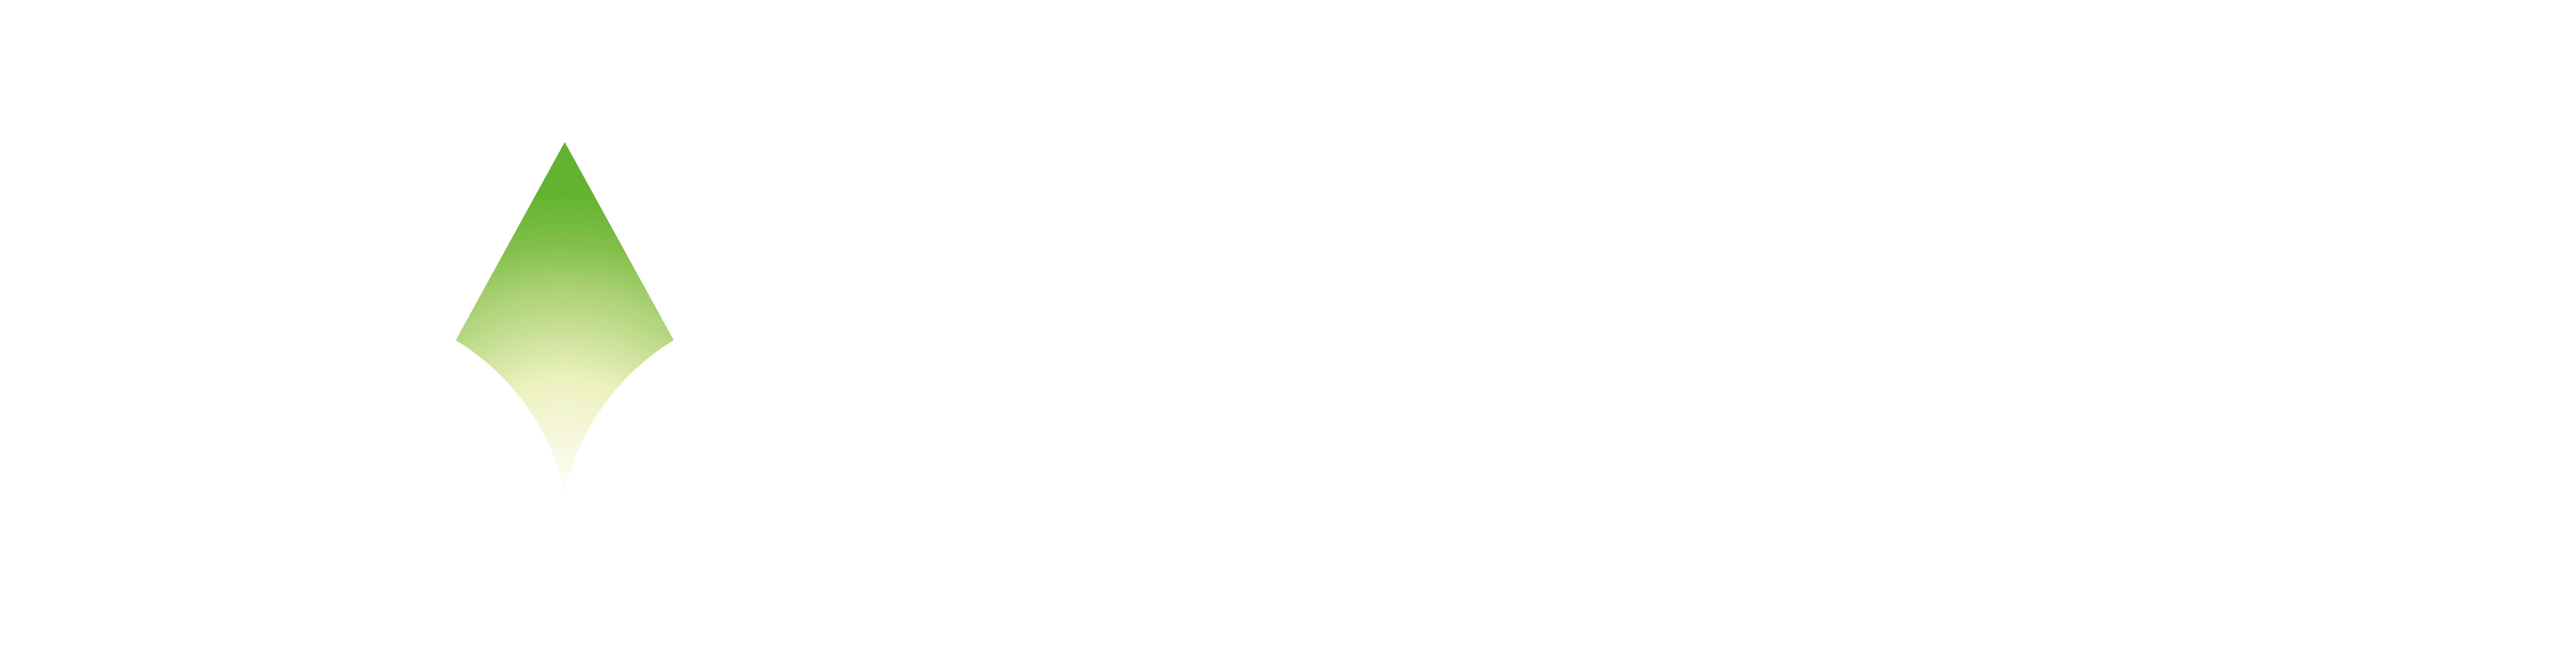 DKU iapse logo